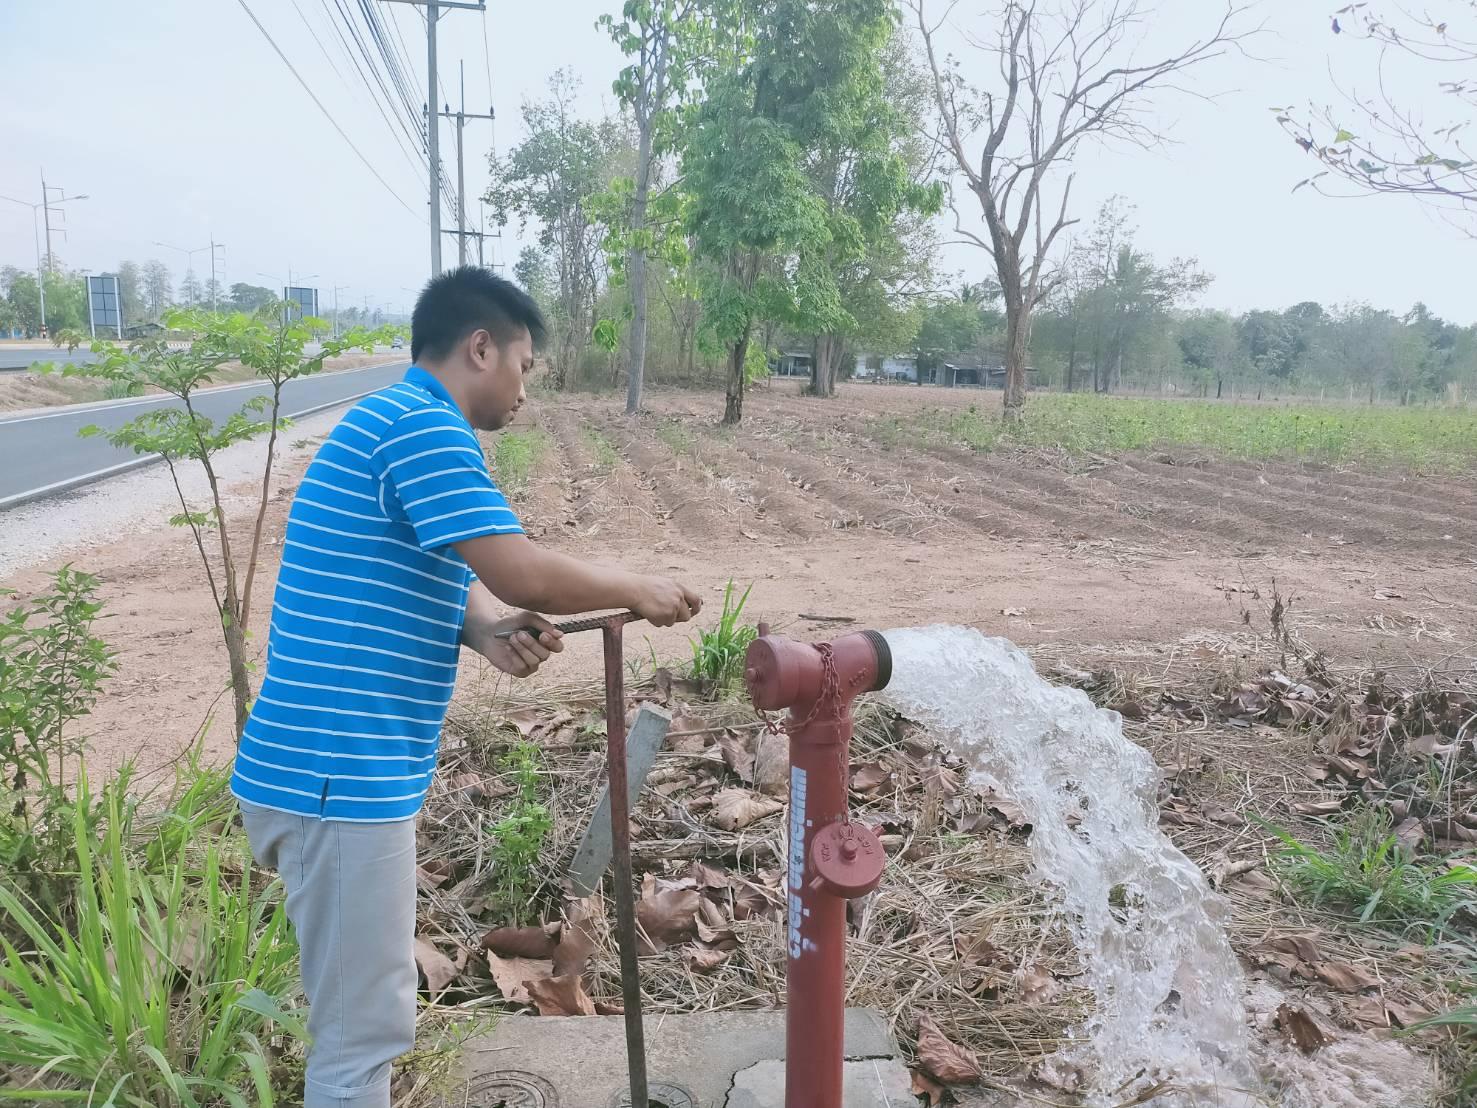 การประปาส่วนภูมิภาคสาขากำแพงเพชร จัดส่งพนักงานแก้ไขปัญหาน้ำประปาขุ่น